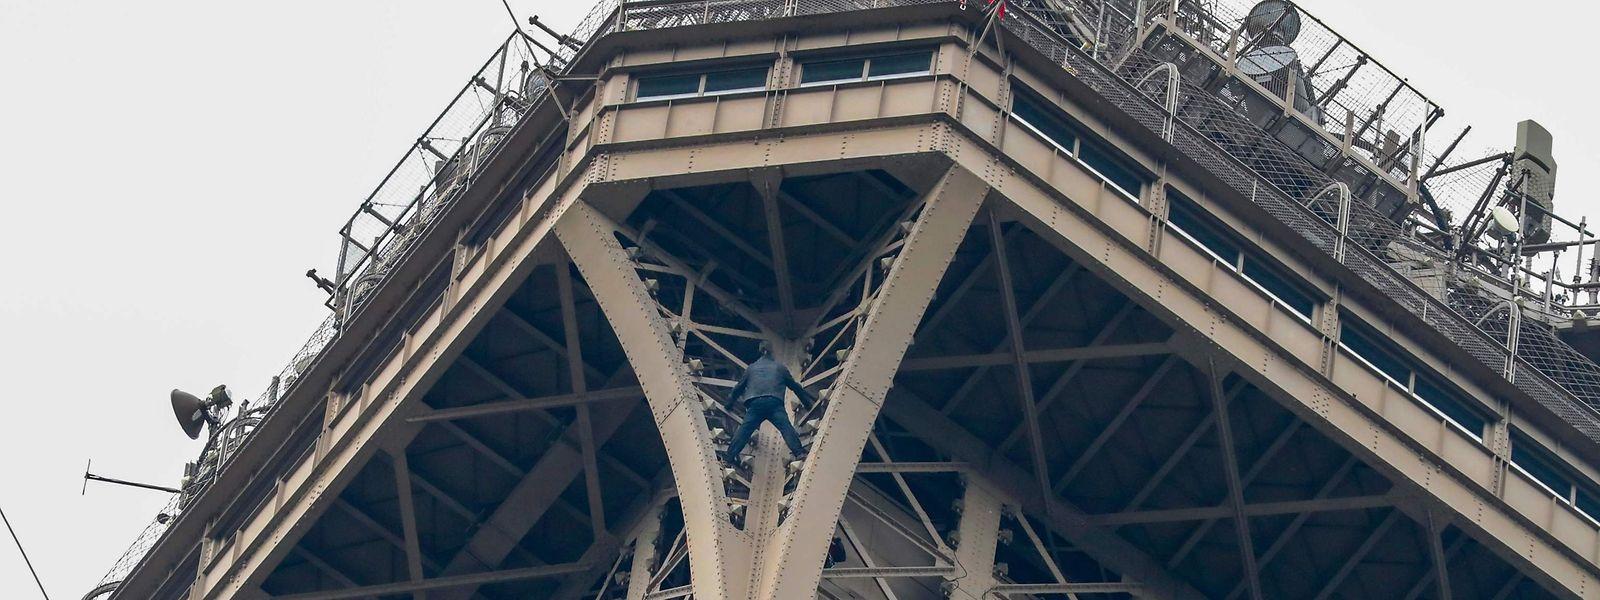 Der Eiffelturm feierte am 15. Mai 130-jähriges Bestehen.